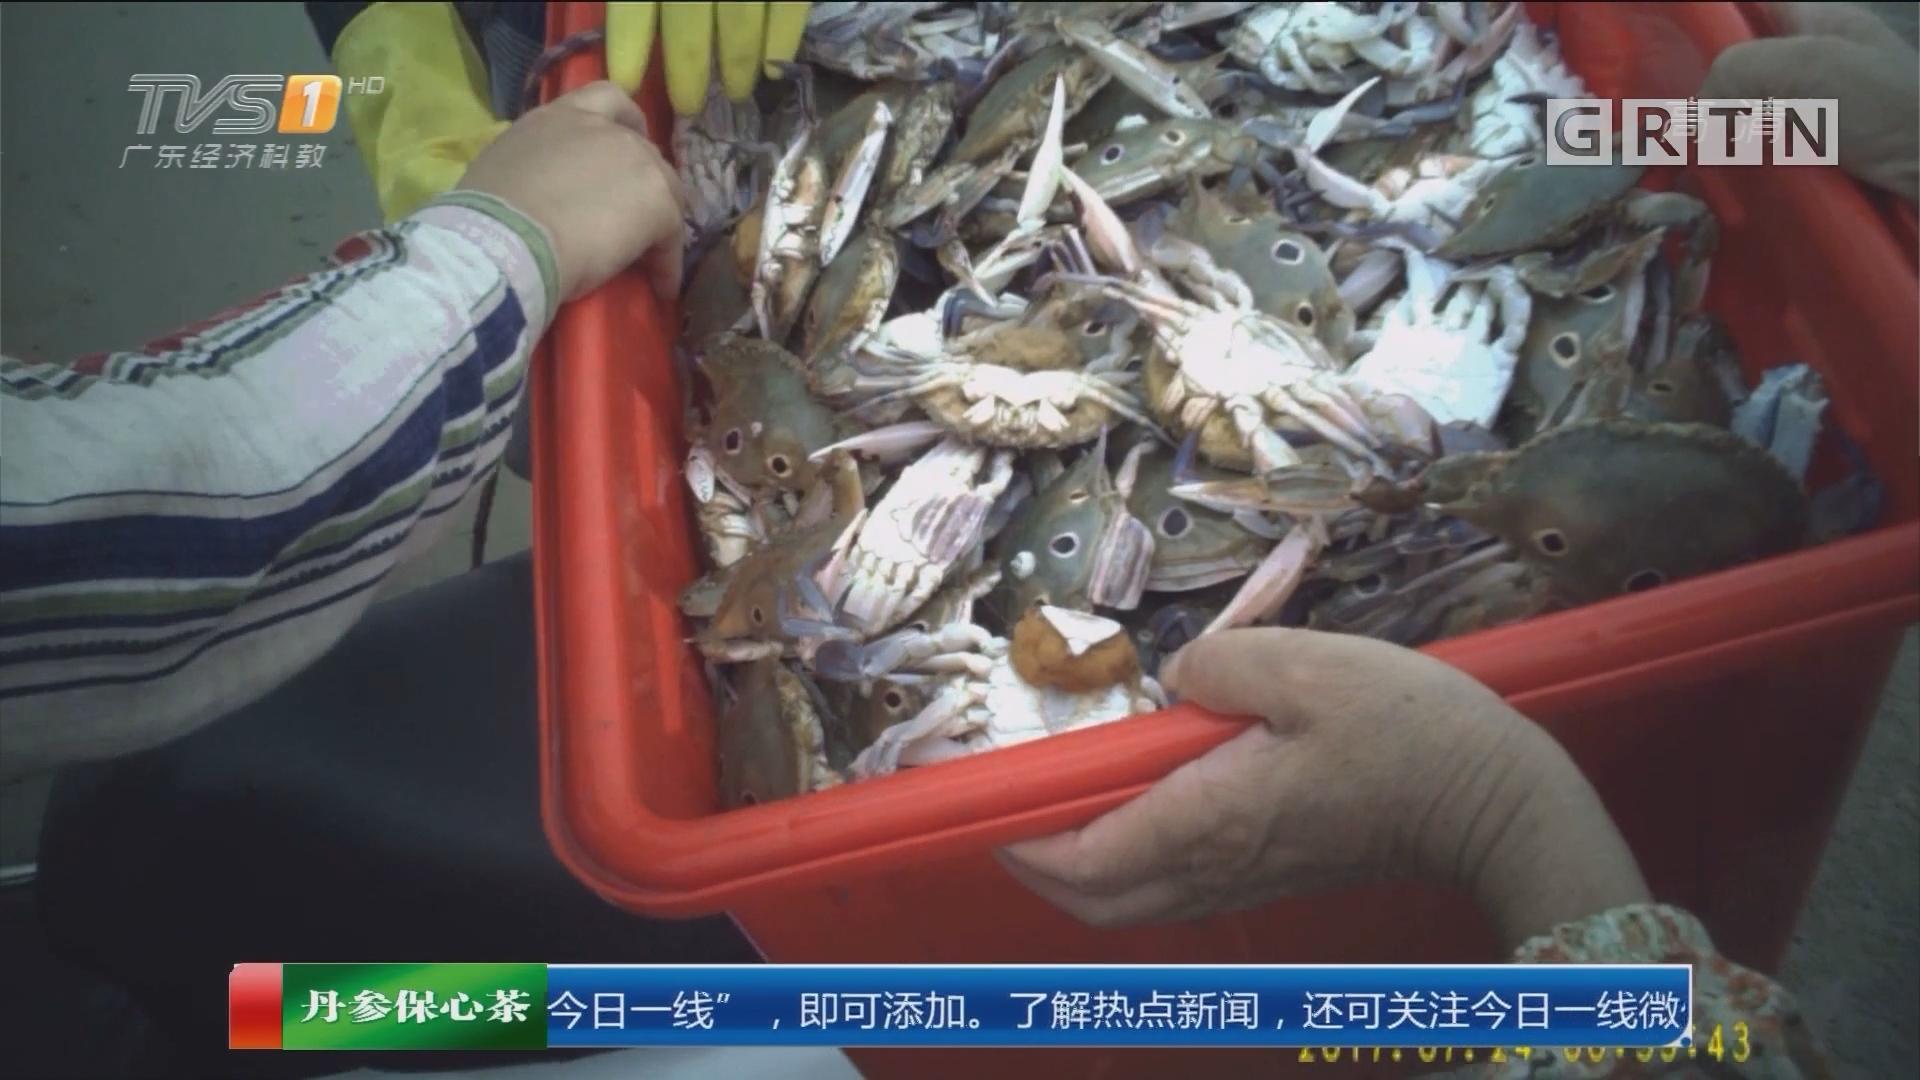 一线独家调查:非法捕鱼 最严休渔期 徐闻码头沙滩海鲜交易火爆